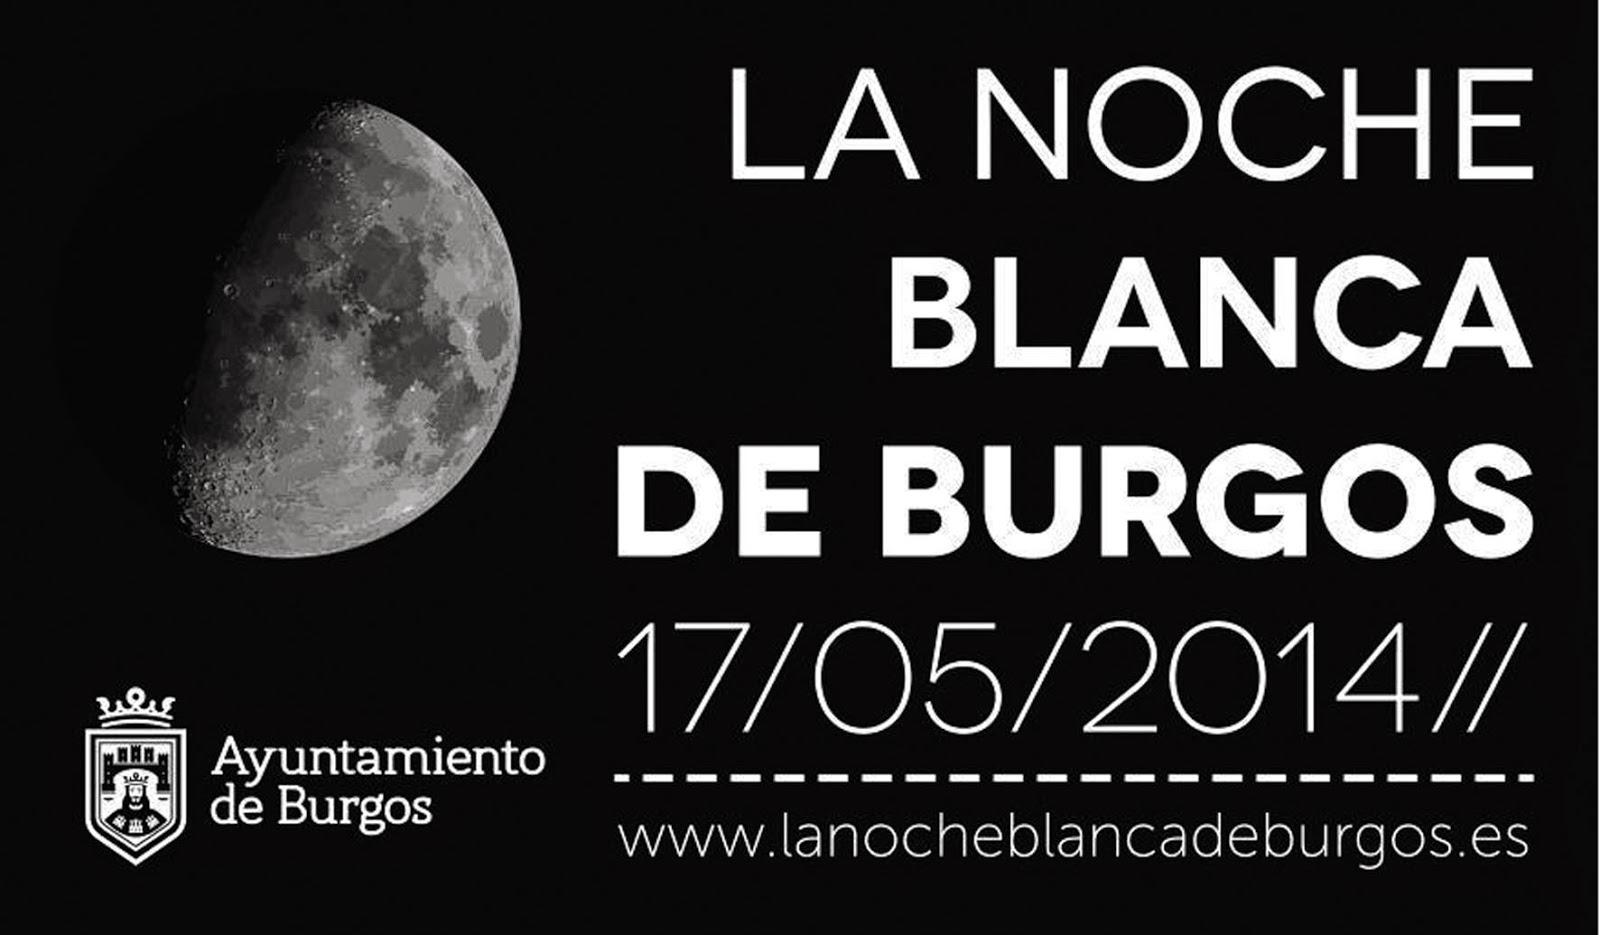 http://www.lanocheblancadeburgos.es/actividades/